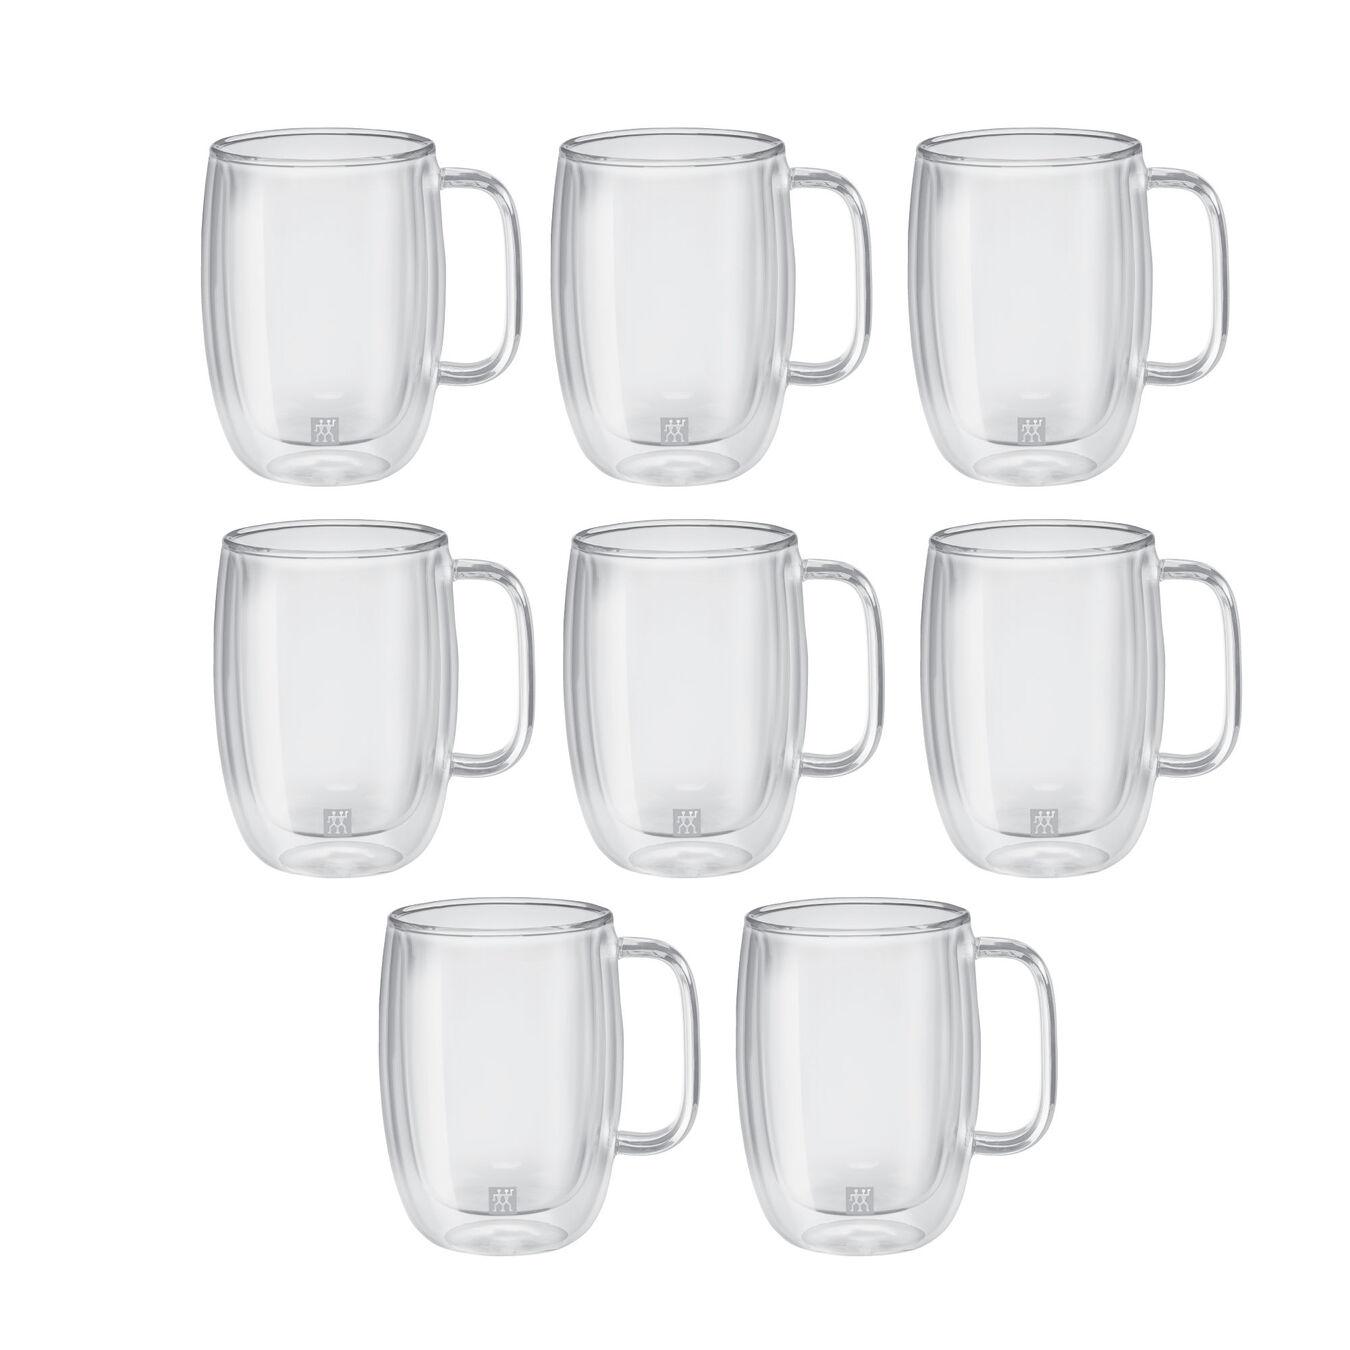 8 Piece Latte Mug Set - Value Pack,,large 3